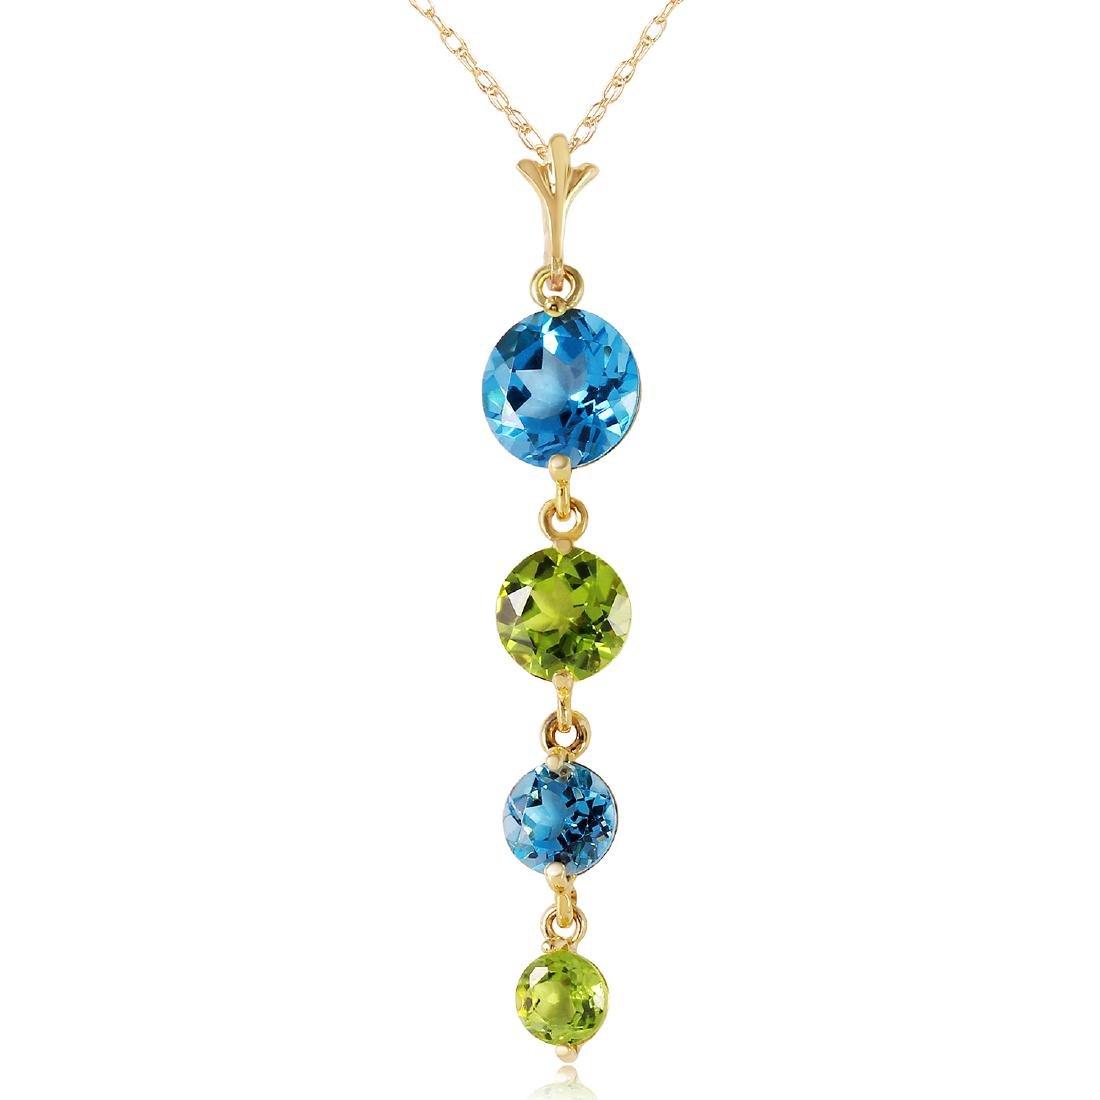 Genuine 3.9 ctw Blue Topaz & Peridot Necklace Jewelry